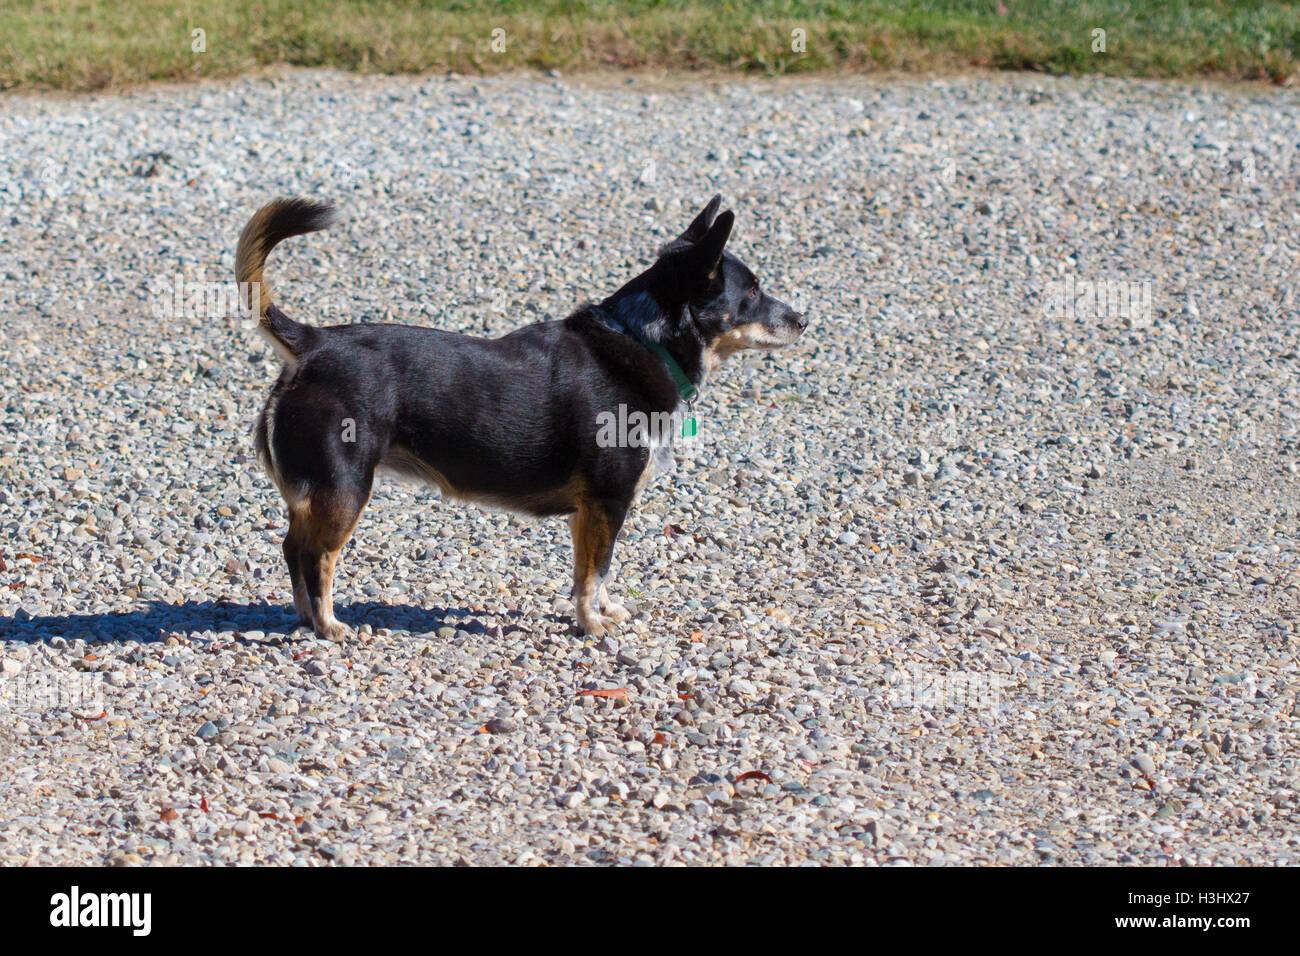 An alert black dog (corgi mix) - Stock Image